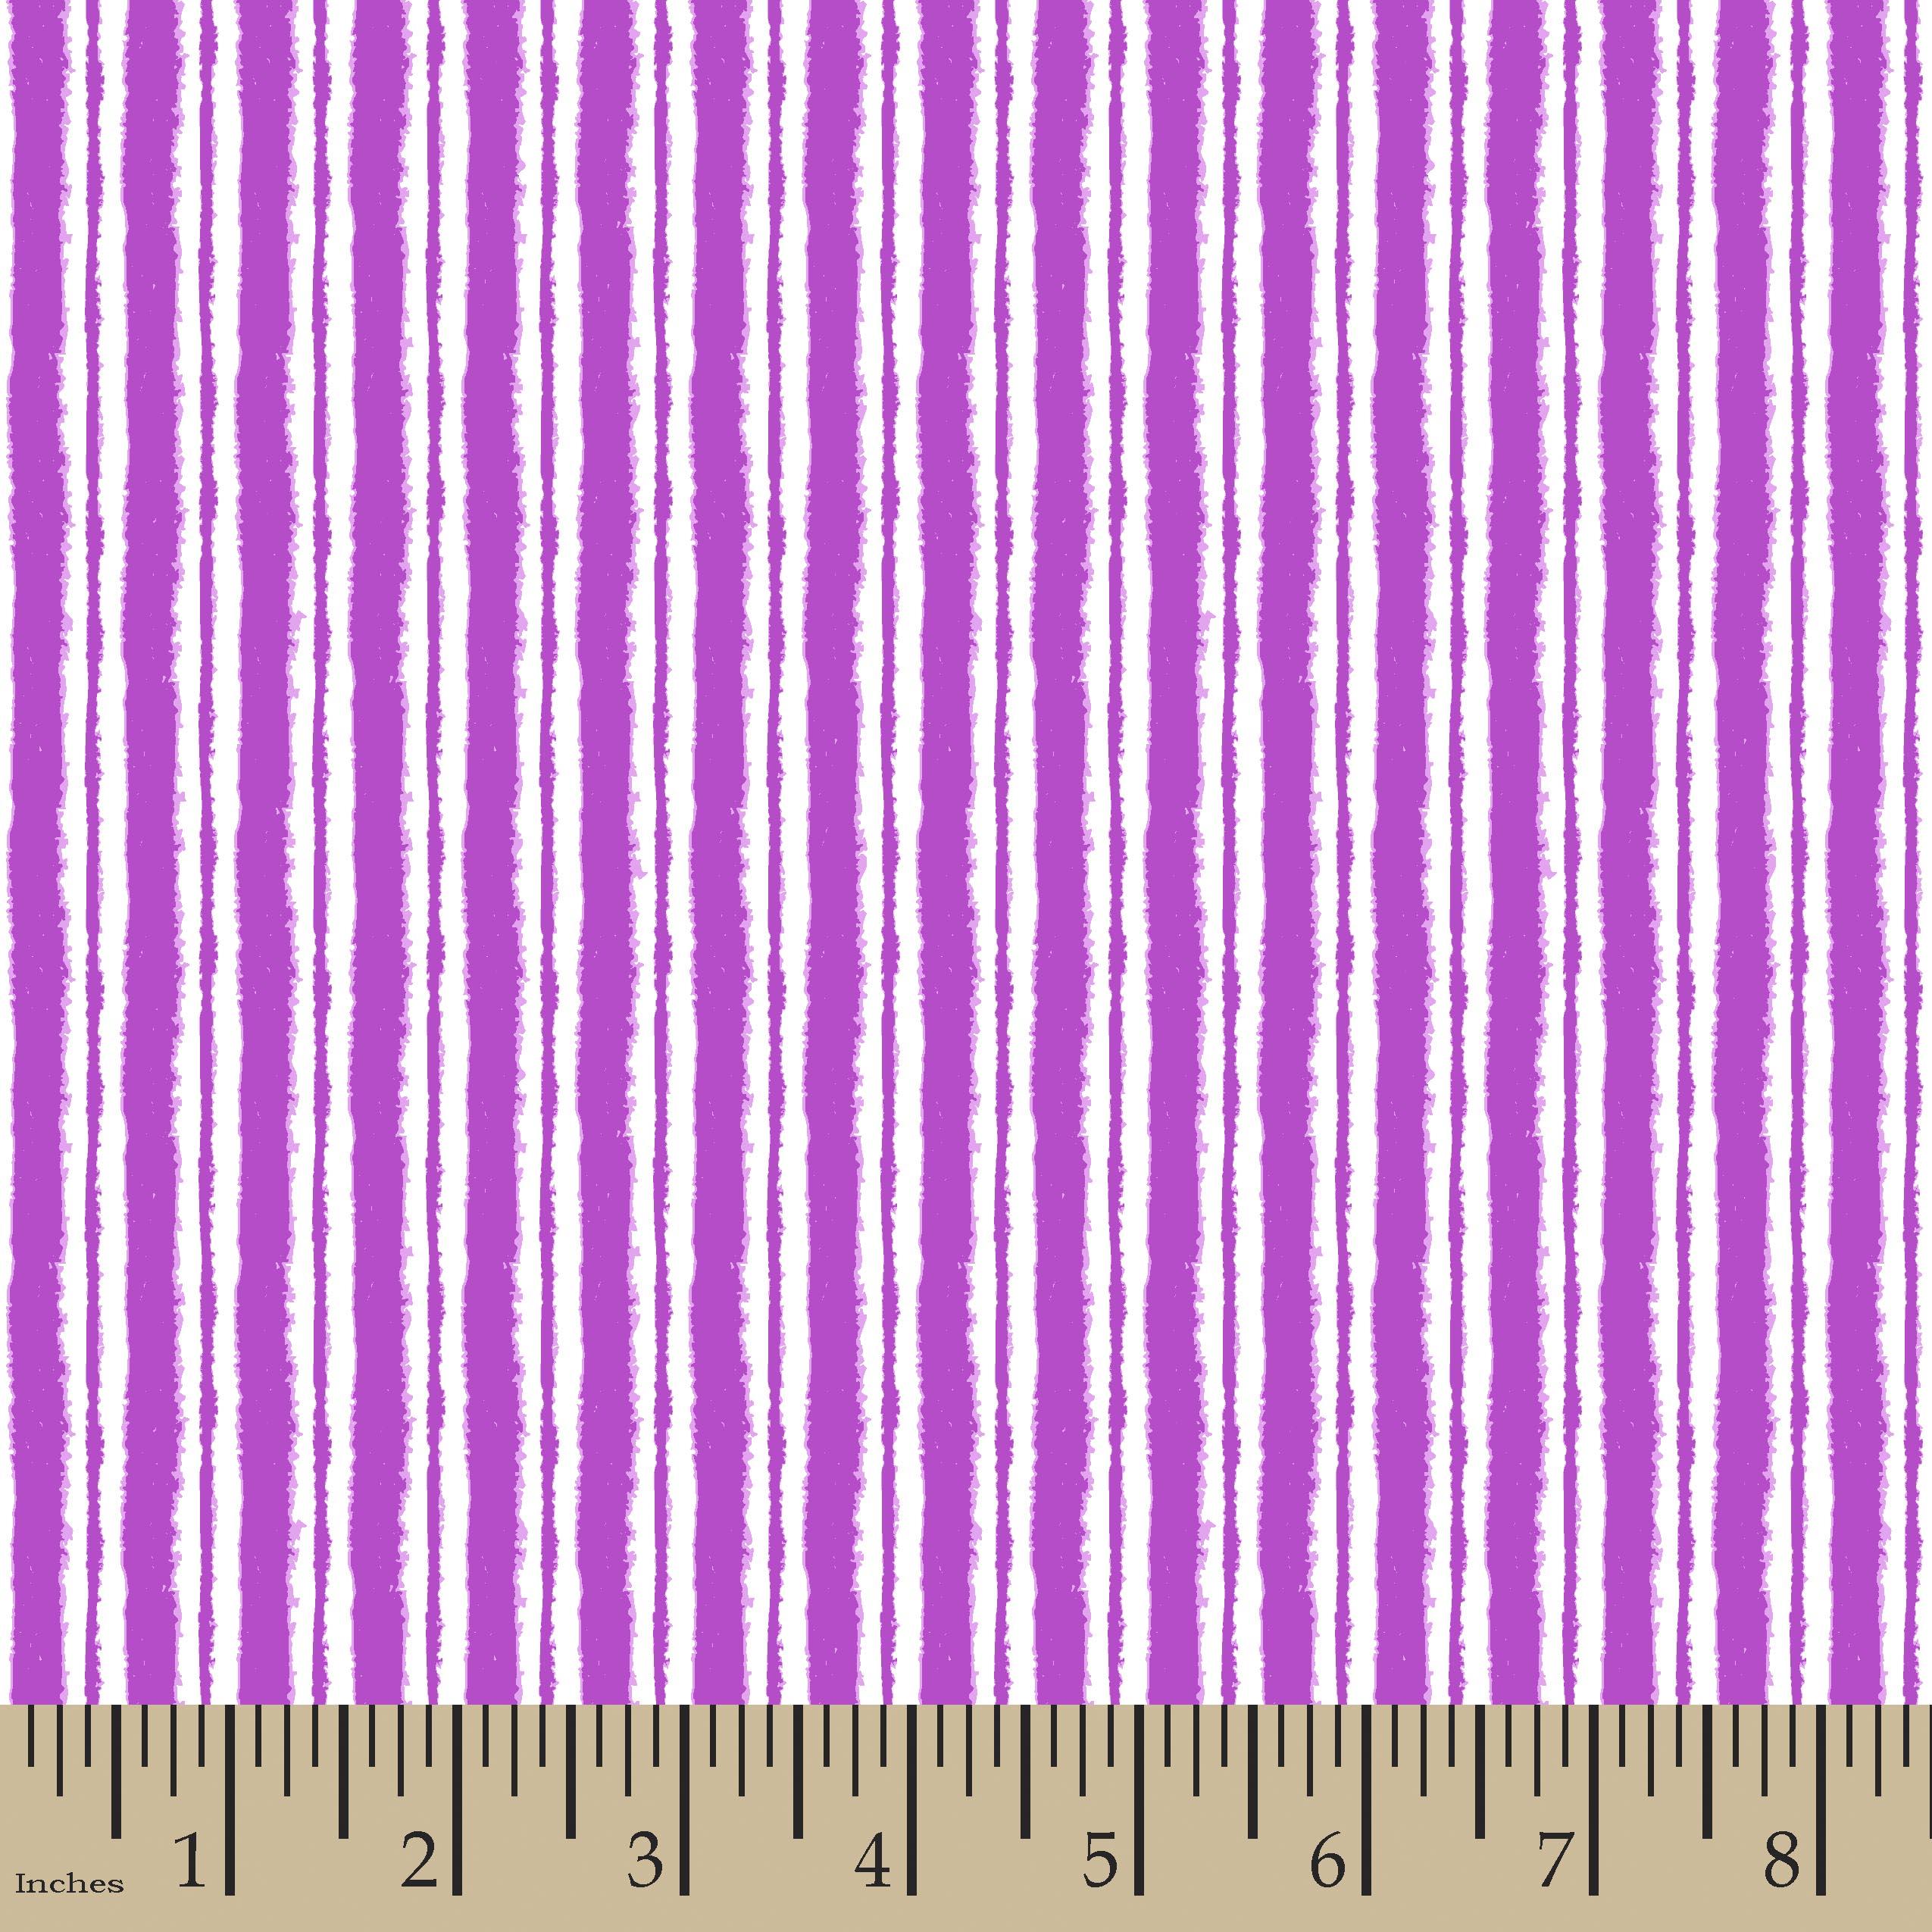 Dry Brushed Stripe Lavender